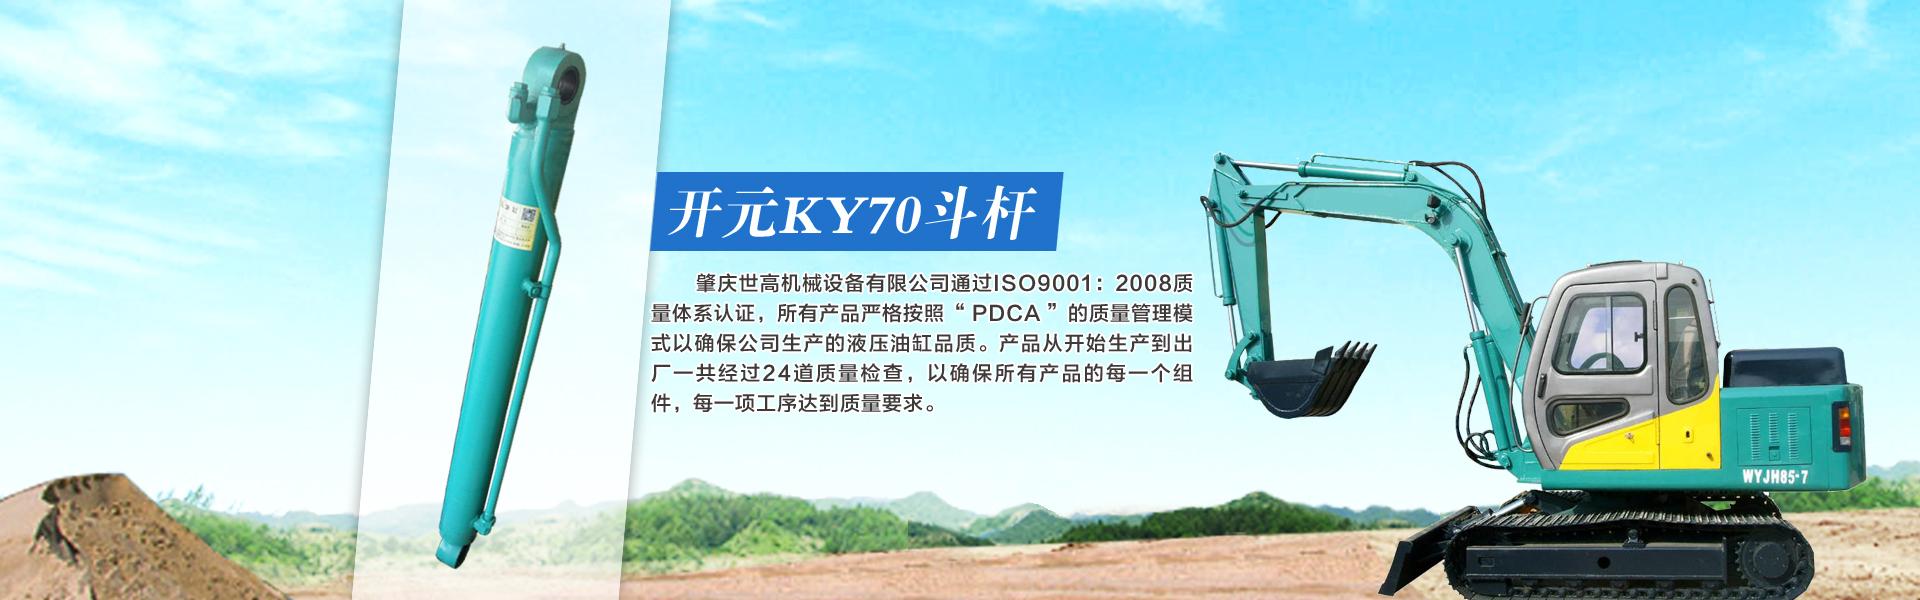 世高机械设备是一家专业从事工程机械销售、维修、加工服务,以挖掘机油缸生产和配套整机销售为主的企业。